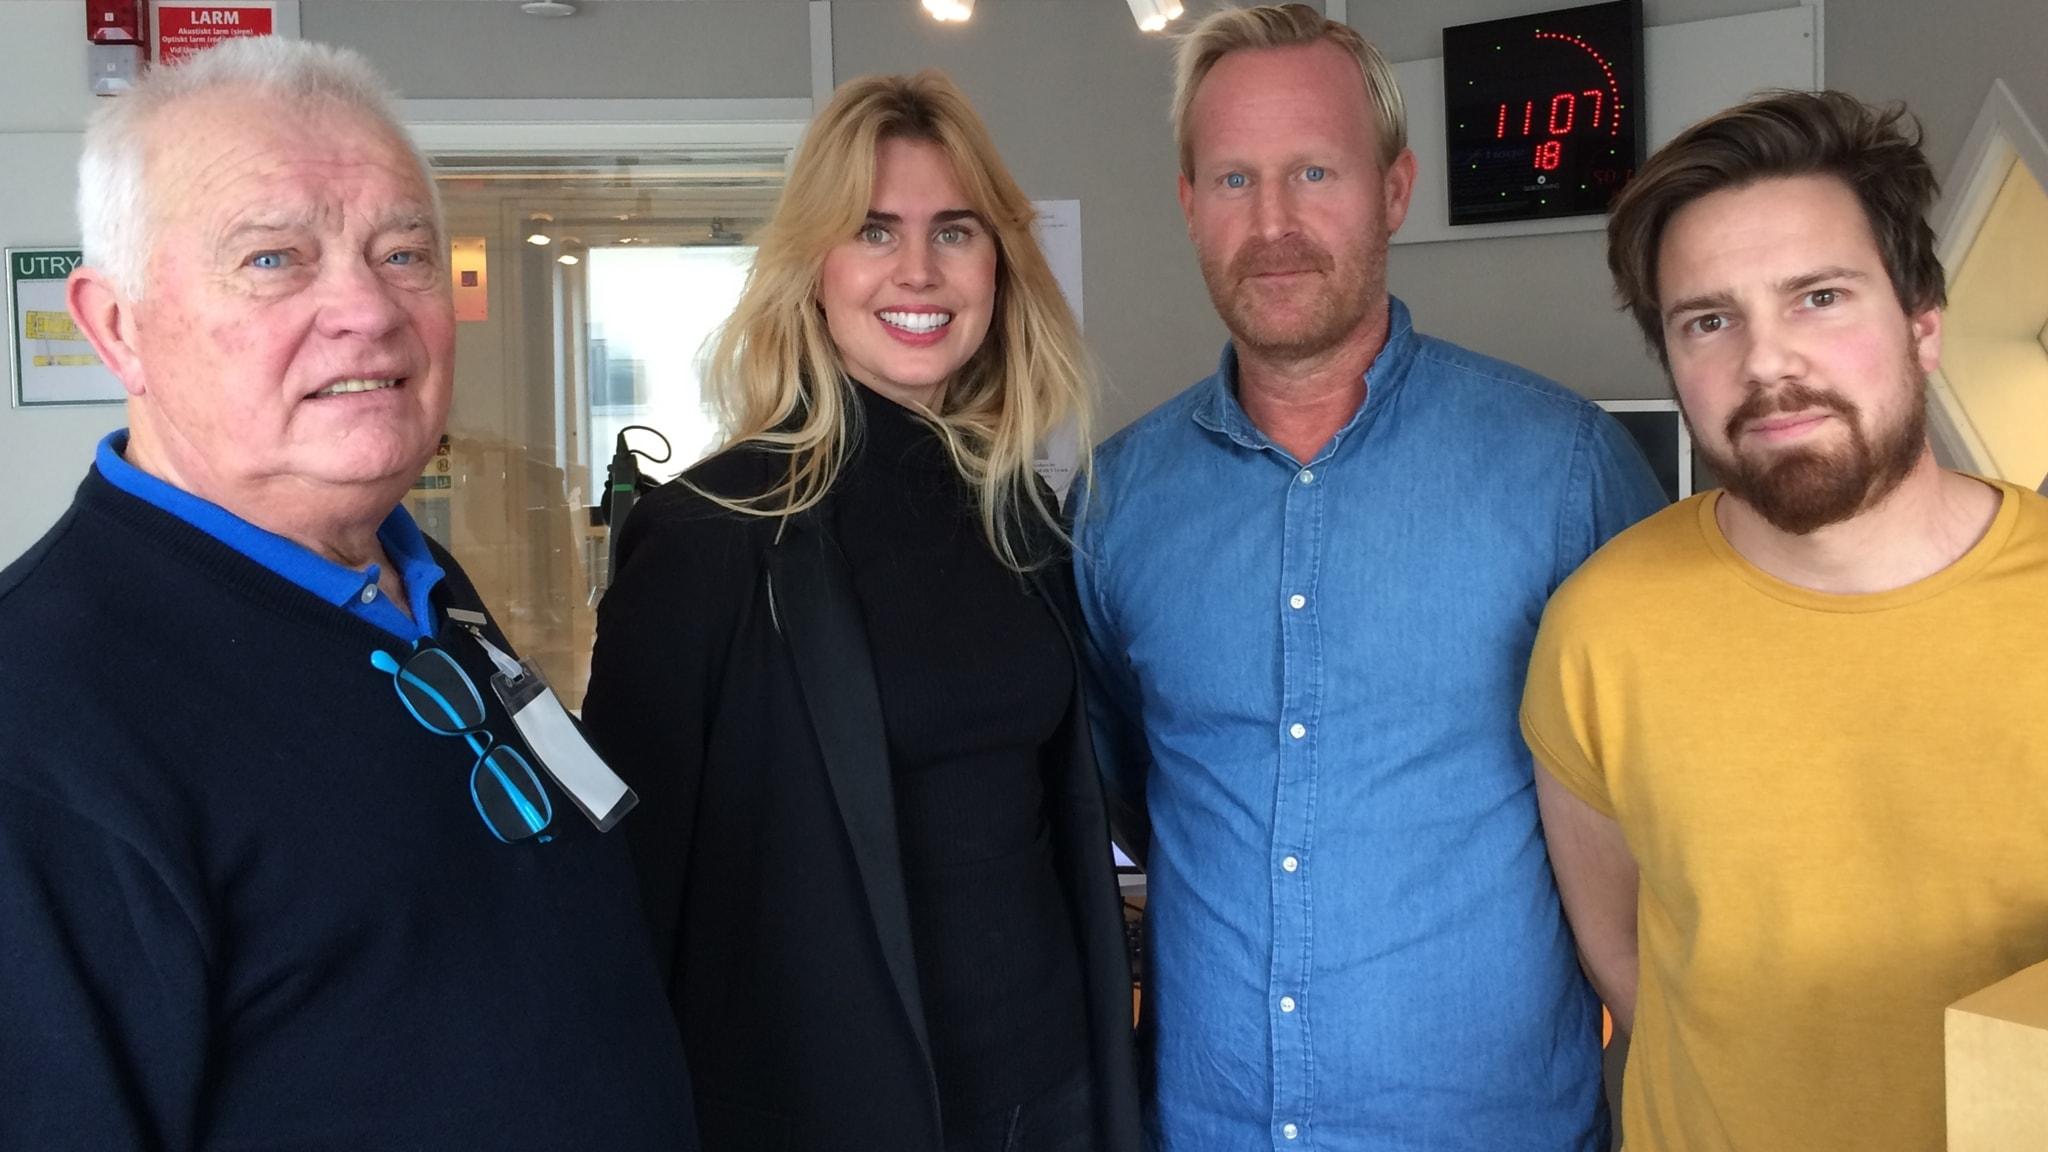 Från vänster i bild: L-G Jansson, Nina Wennerström, Magnus Wahlman och Martin Sundelius.